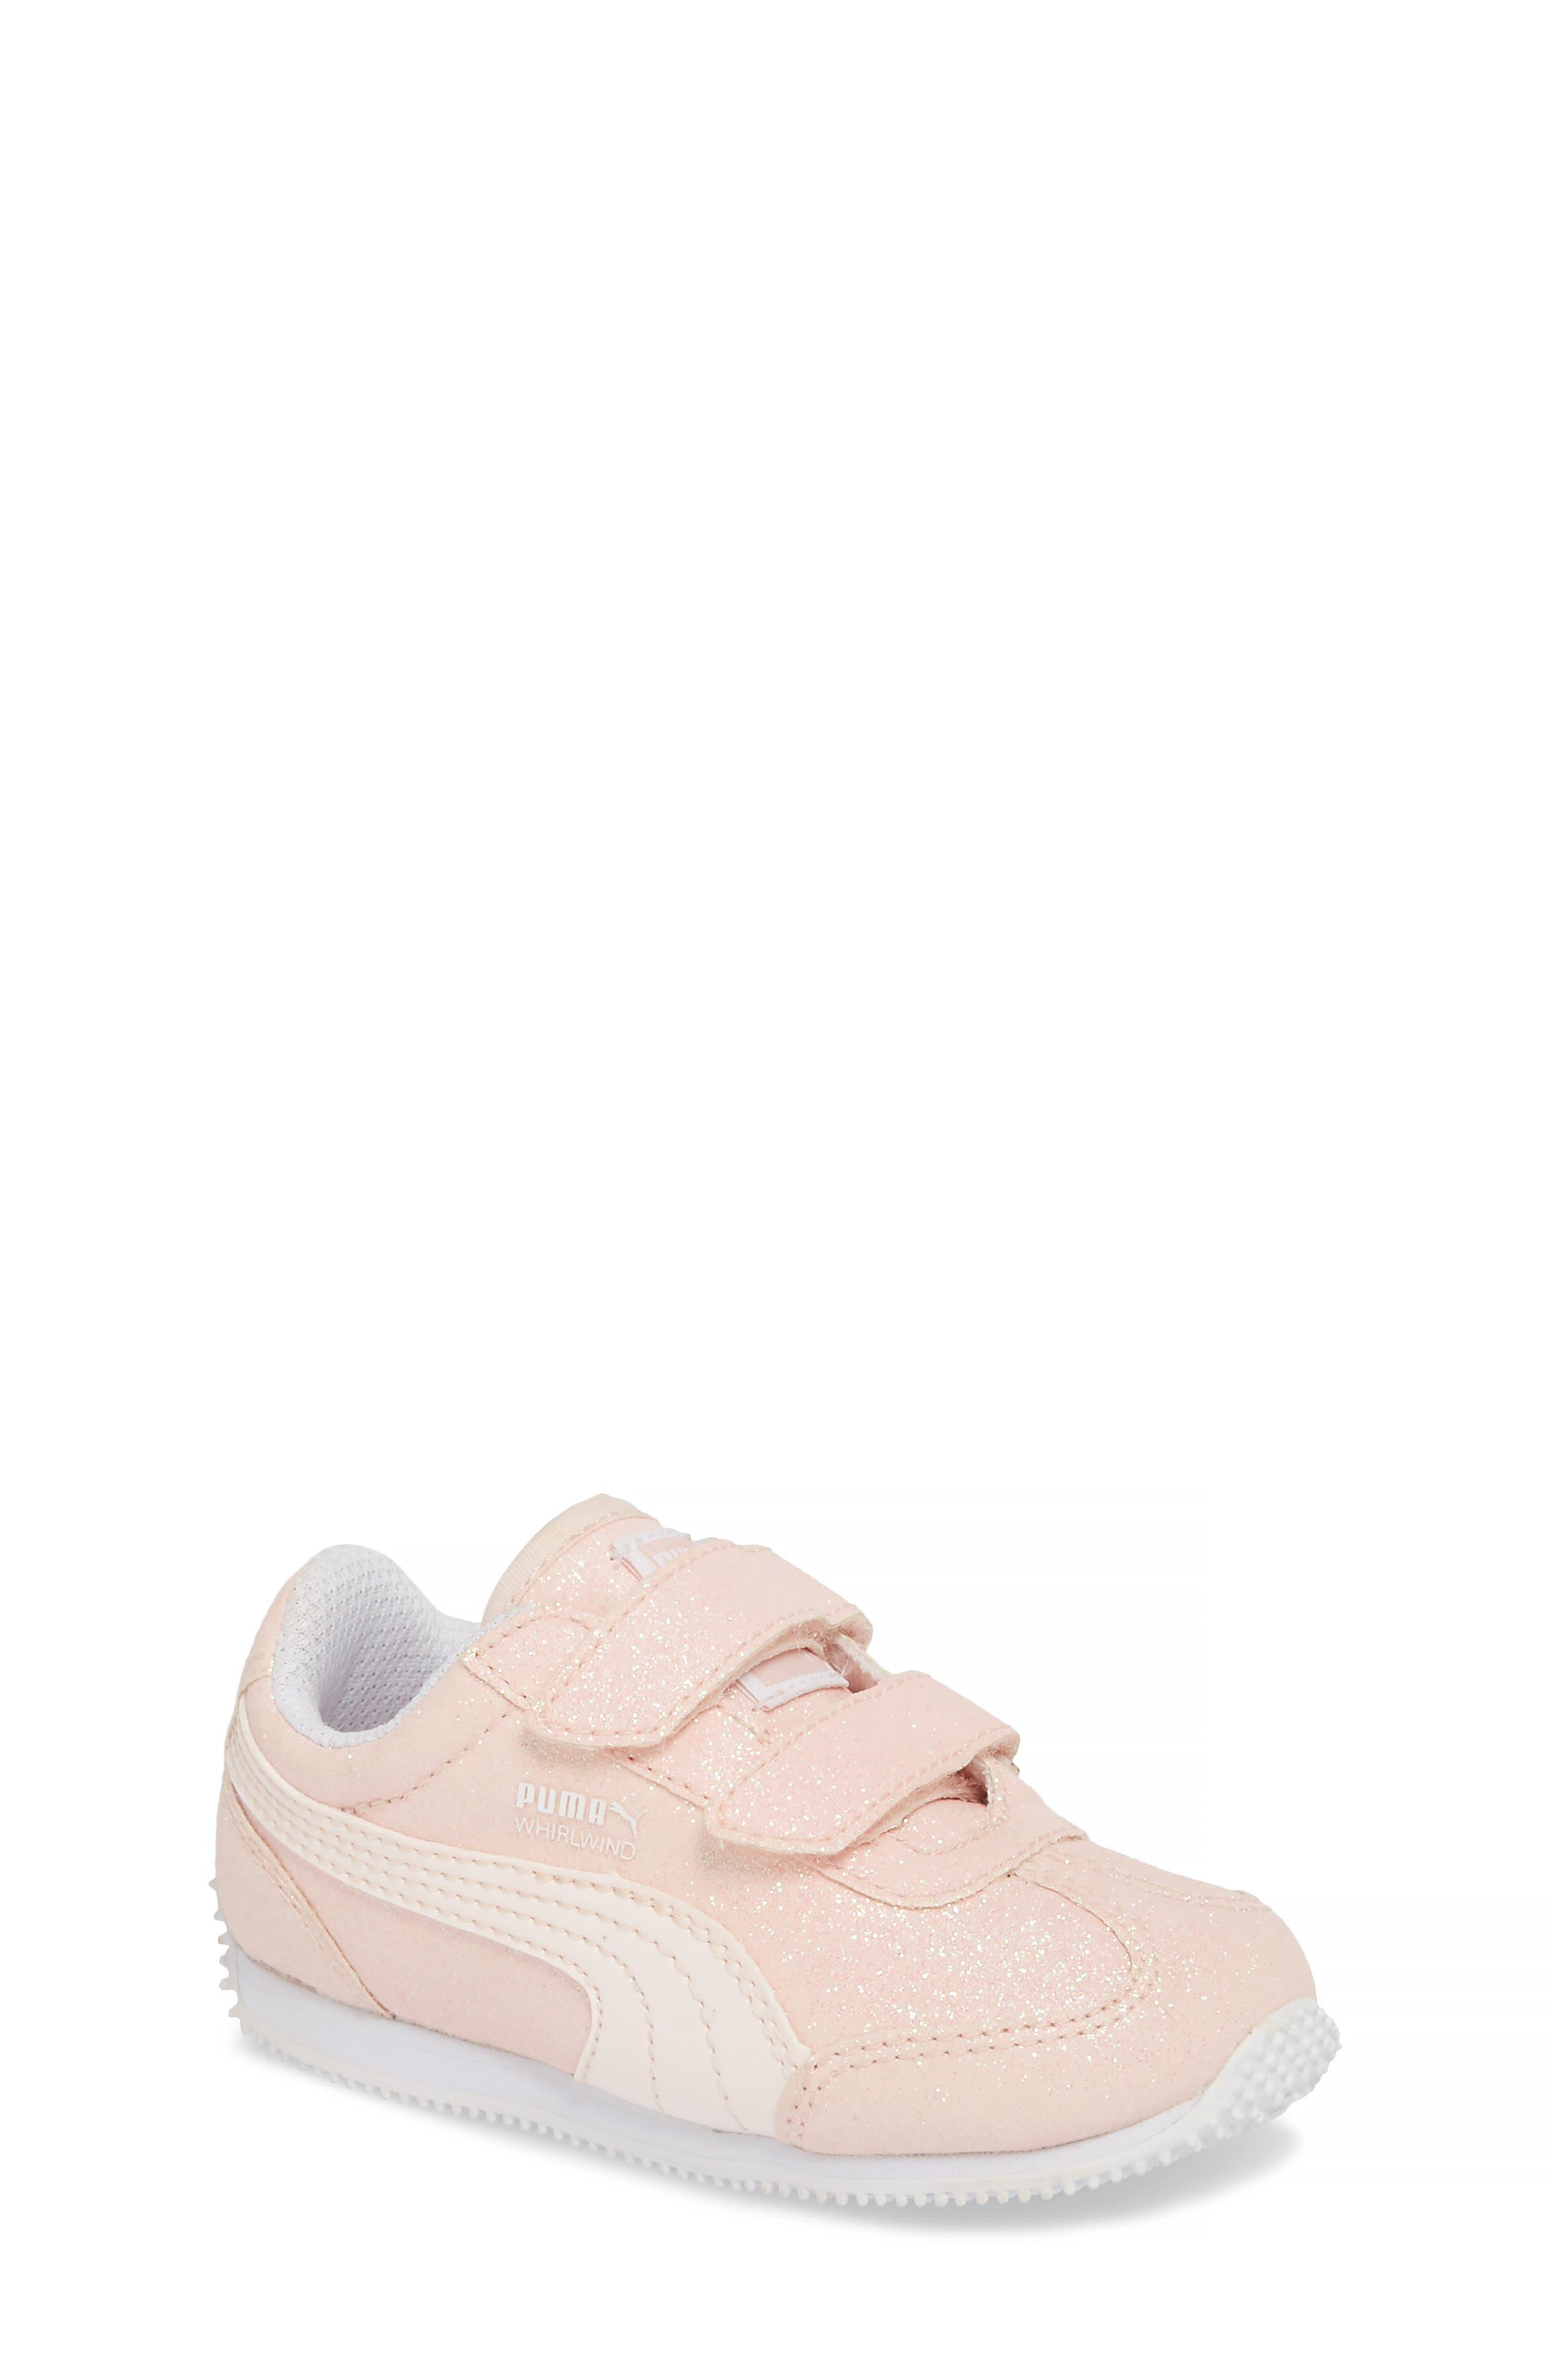 Whirlwind Glitz Sneaker,                         Main,                         color, PEARL/ PUMA WHITE